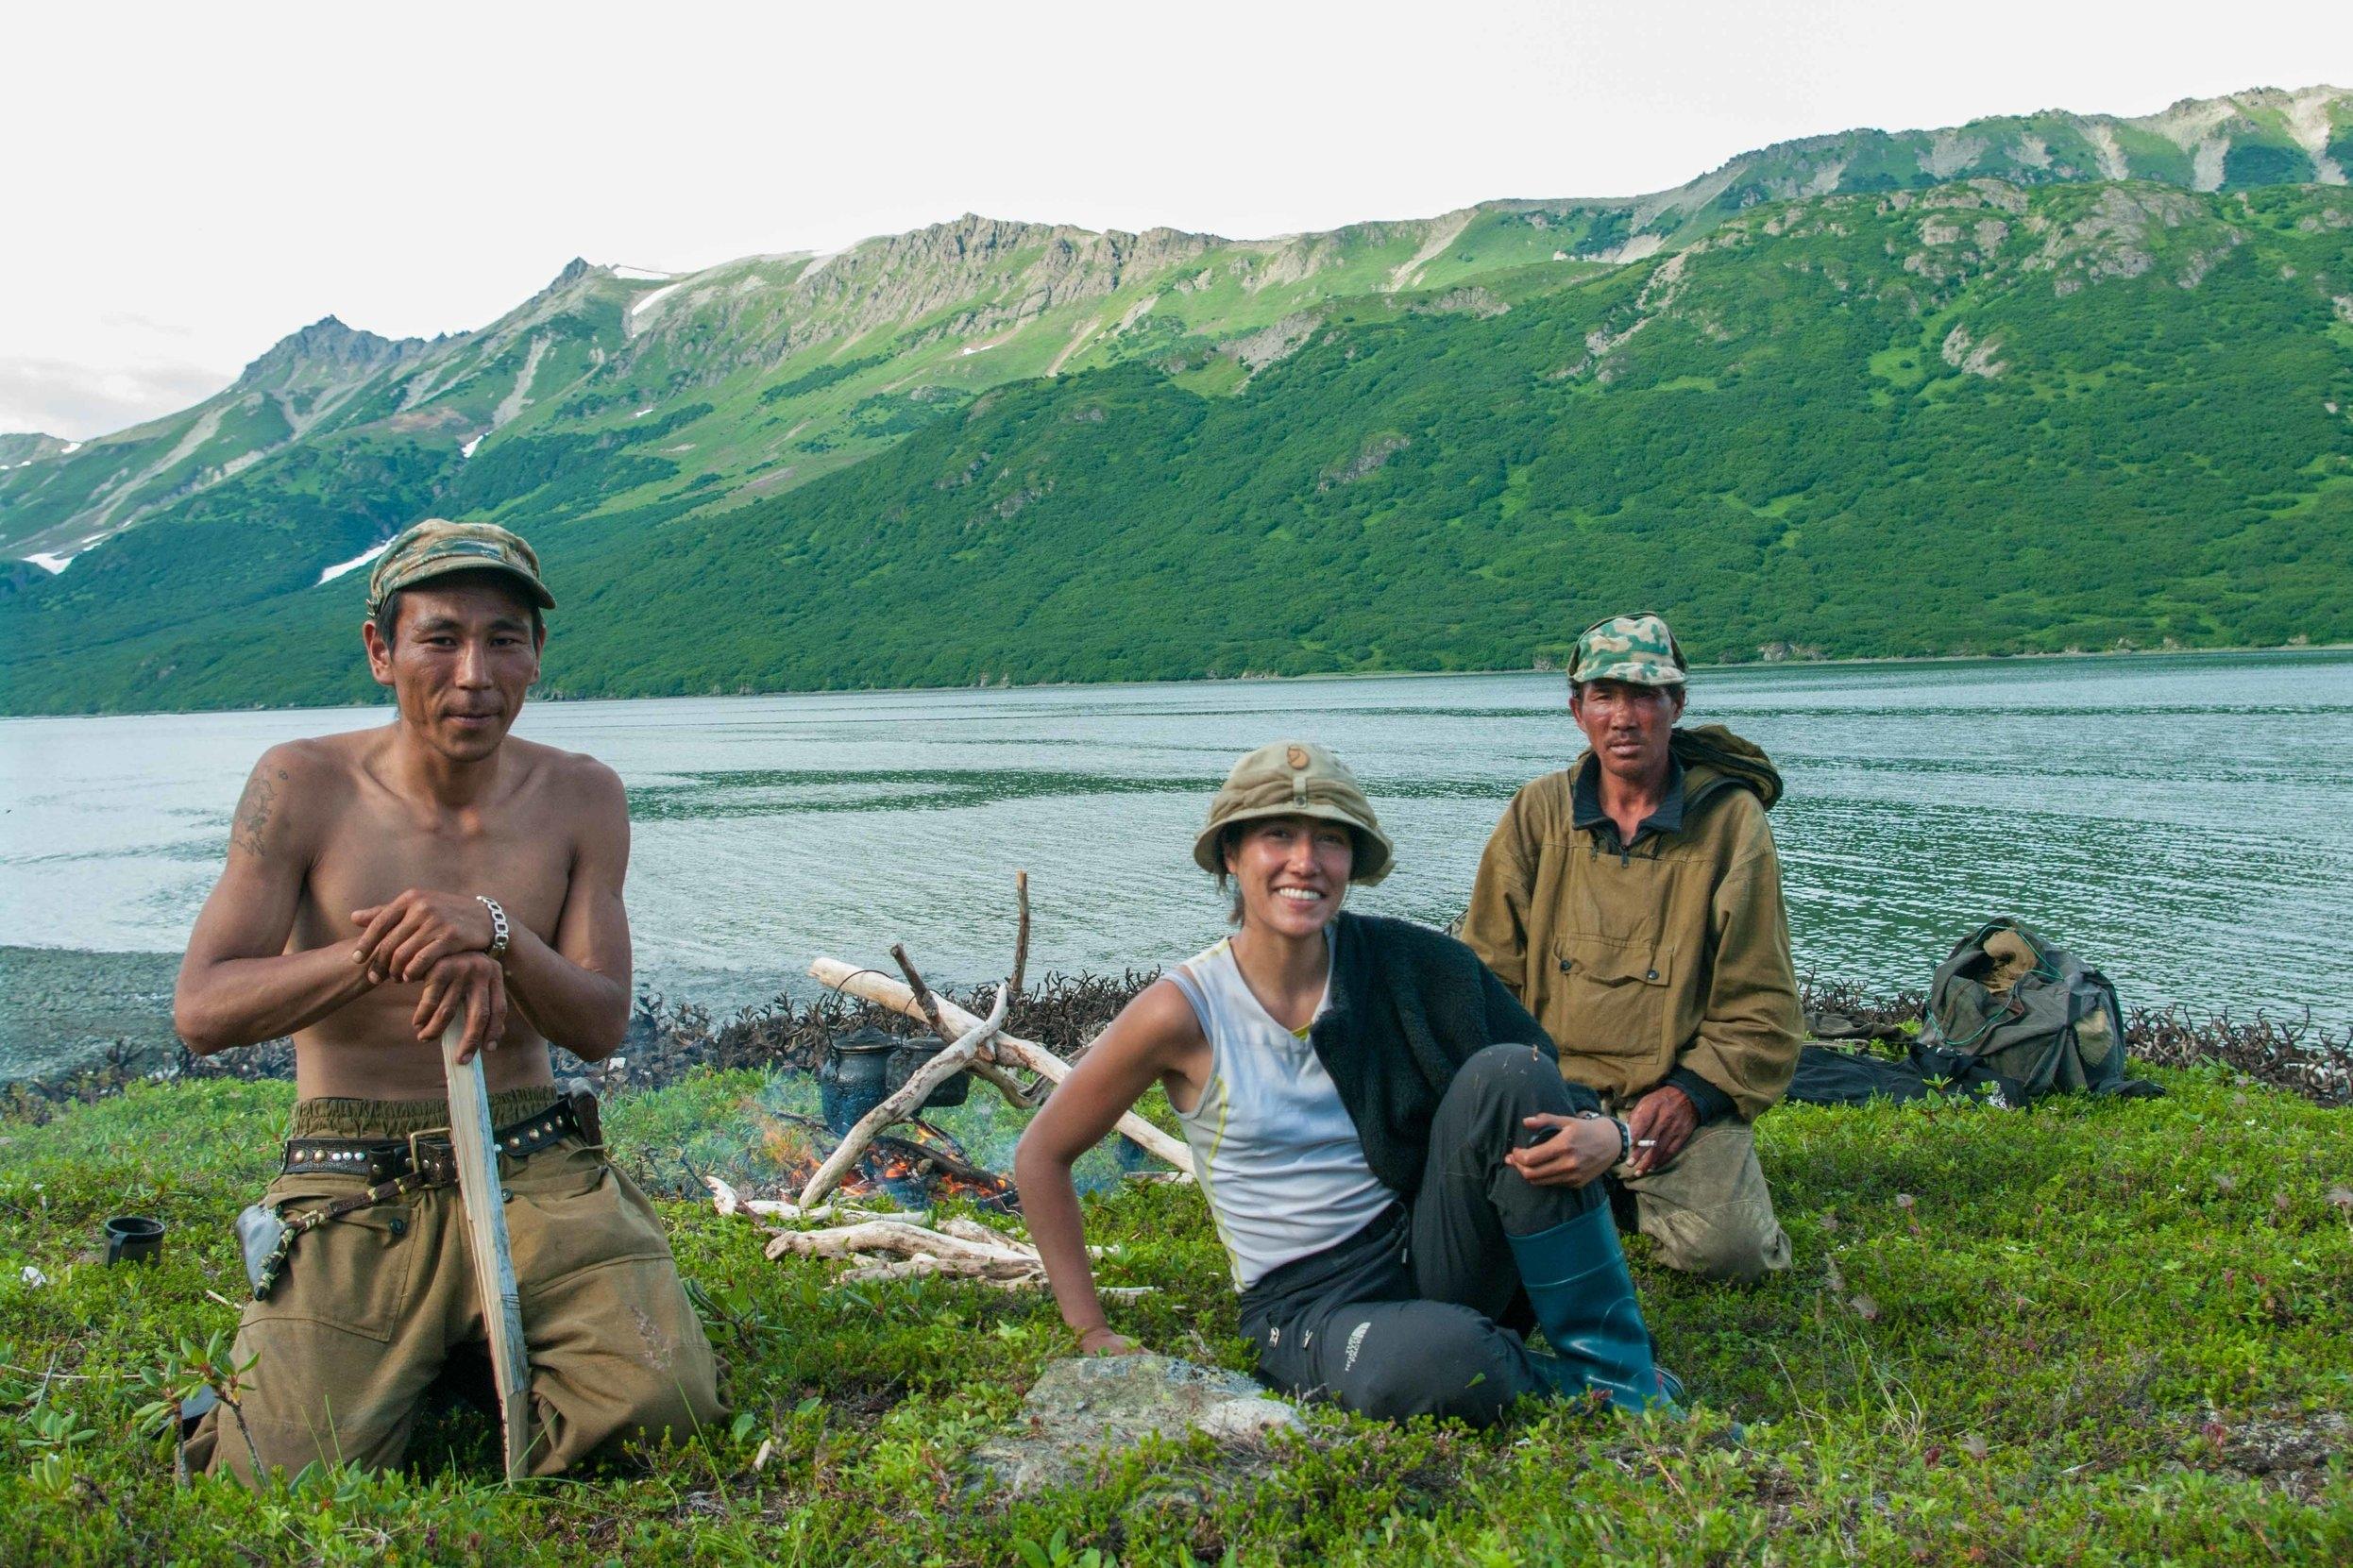 KAMCHATKA - Je vis 6 mois avec des nomades éleveurs de rennes. Un voyage entre nature sauvage et chamanisme.